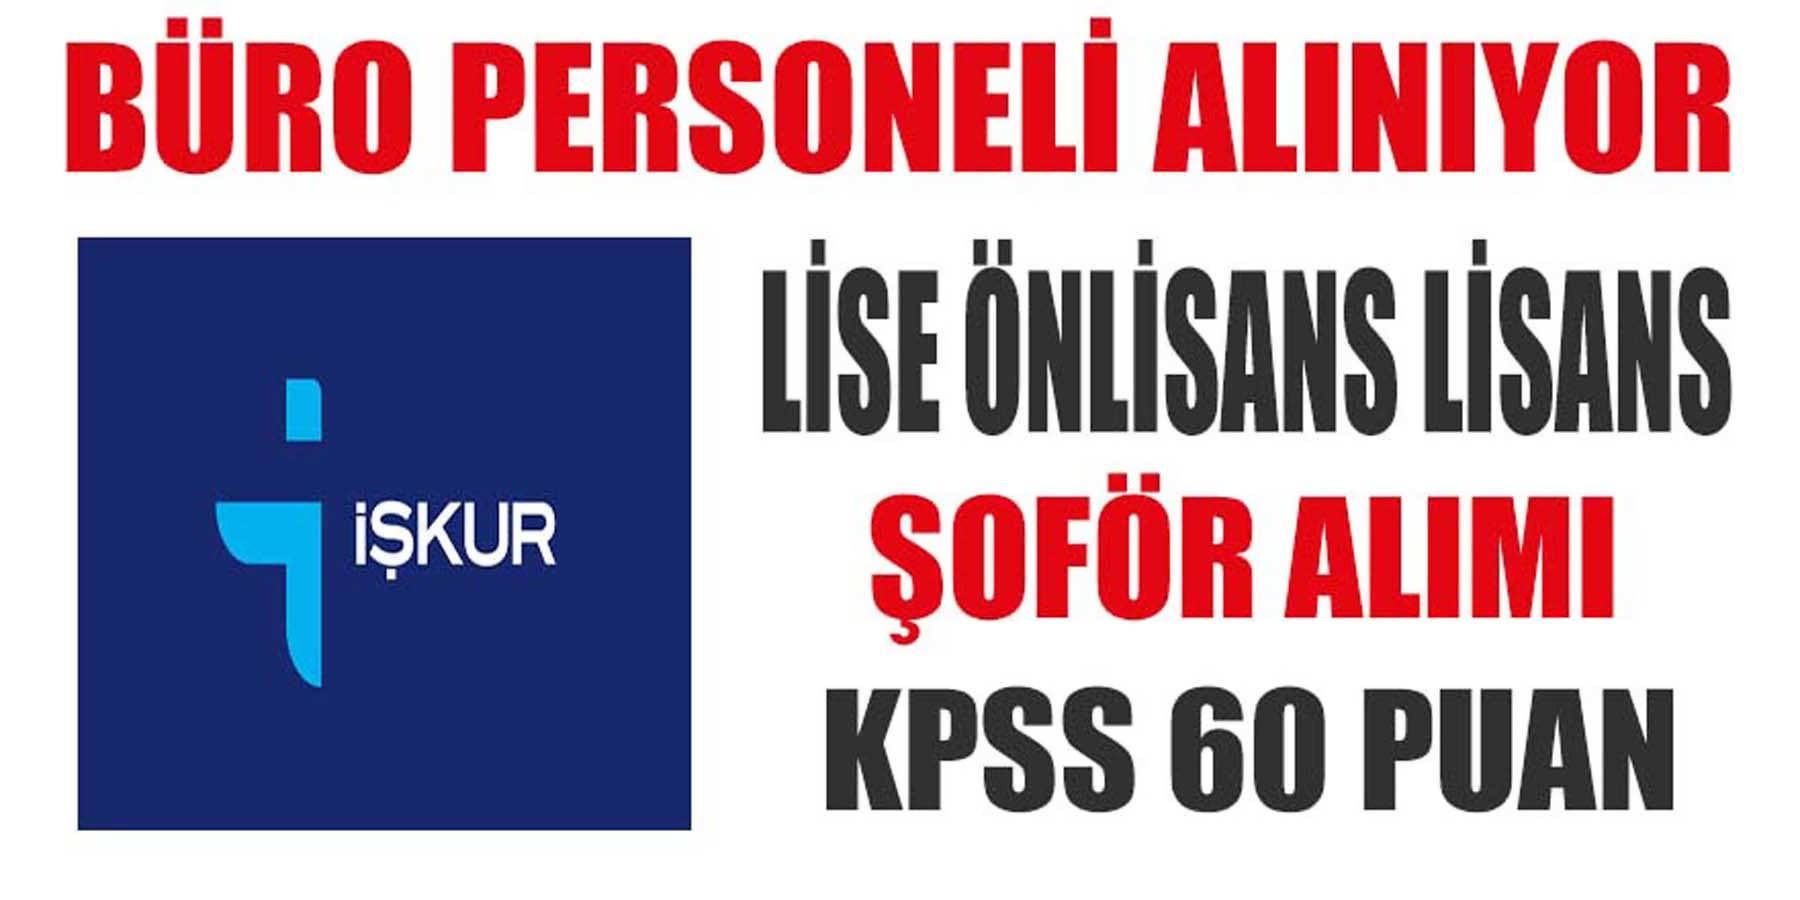 KPSS 60 Puanla Büro Personeli Alınacak